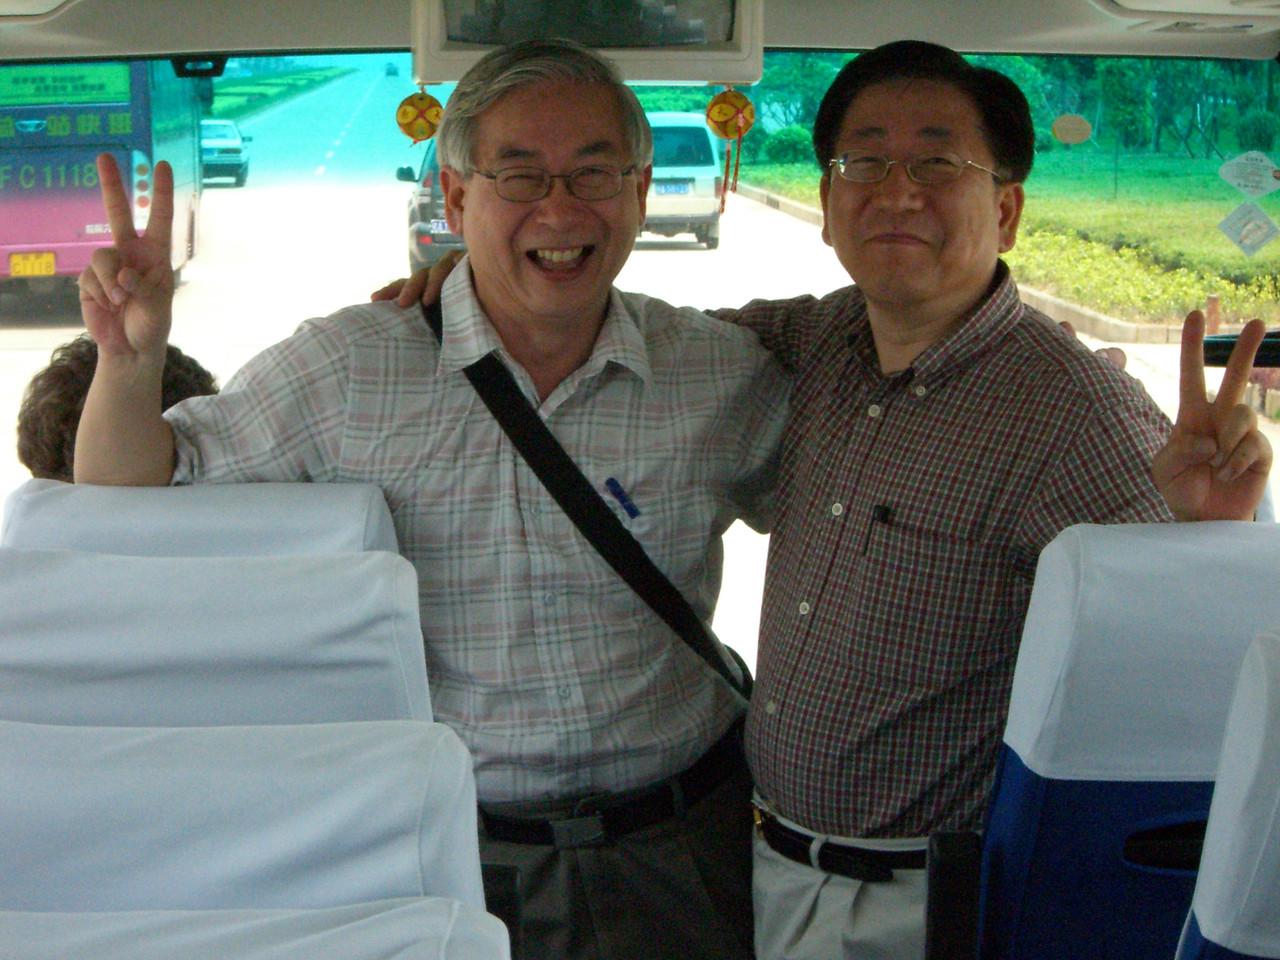 2006 07 13 Thu - Chinese & Korean twins Alfred Ng & Baxon Kim